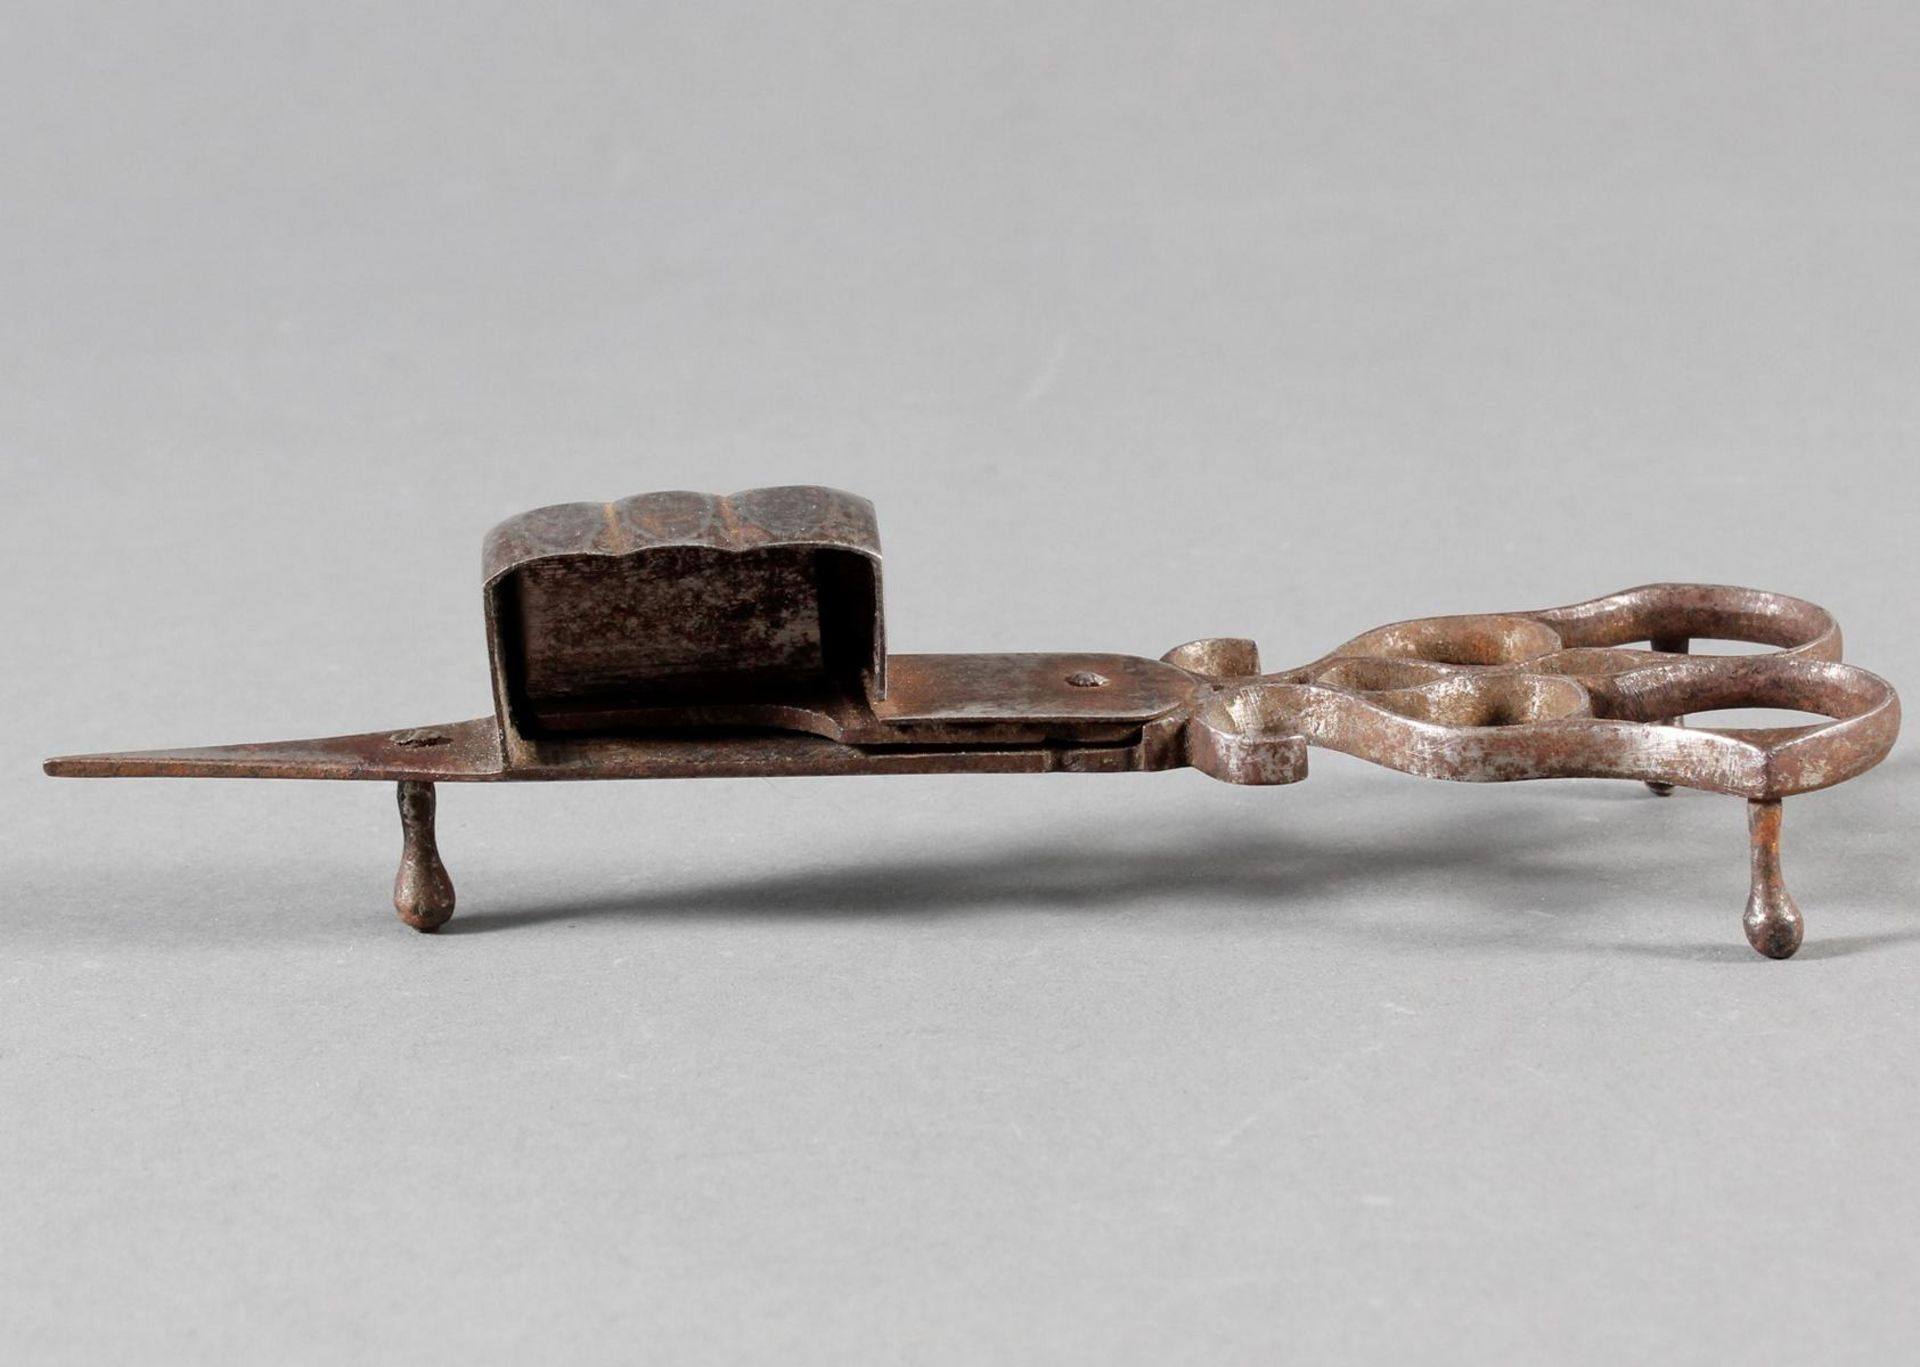 Eisen-Dochtschere, England 18./19. Jahrhundert - Bild 2 aus 6